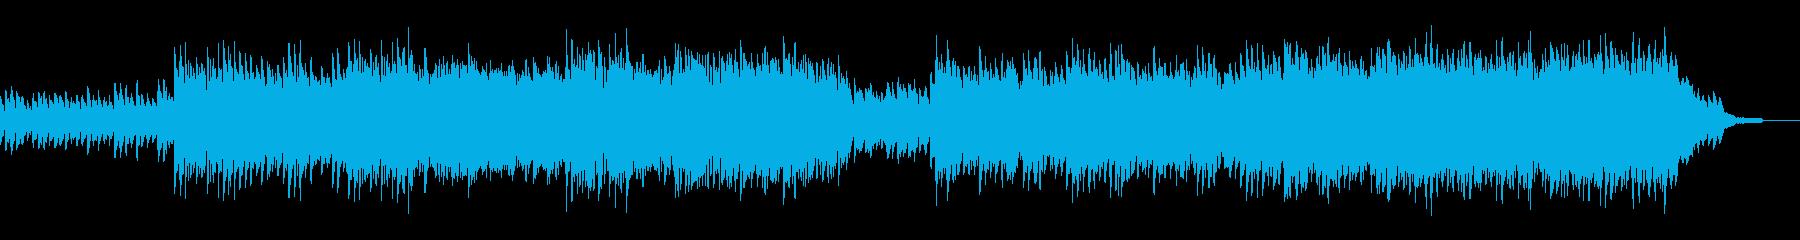 エレキギターがメインの軽快なポップスBの再生済みの波形